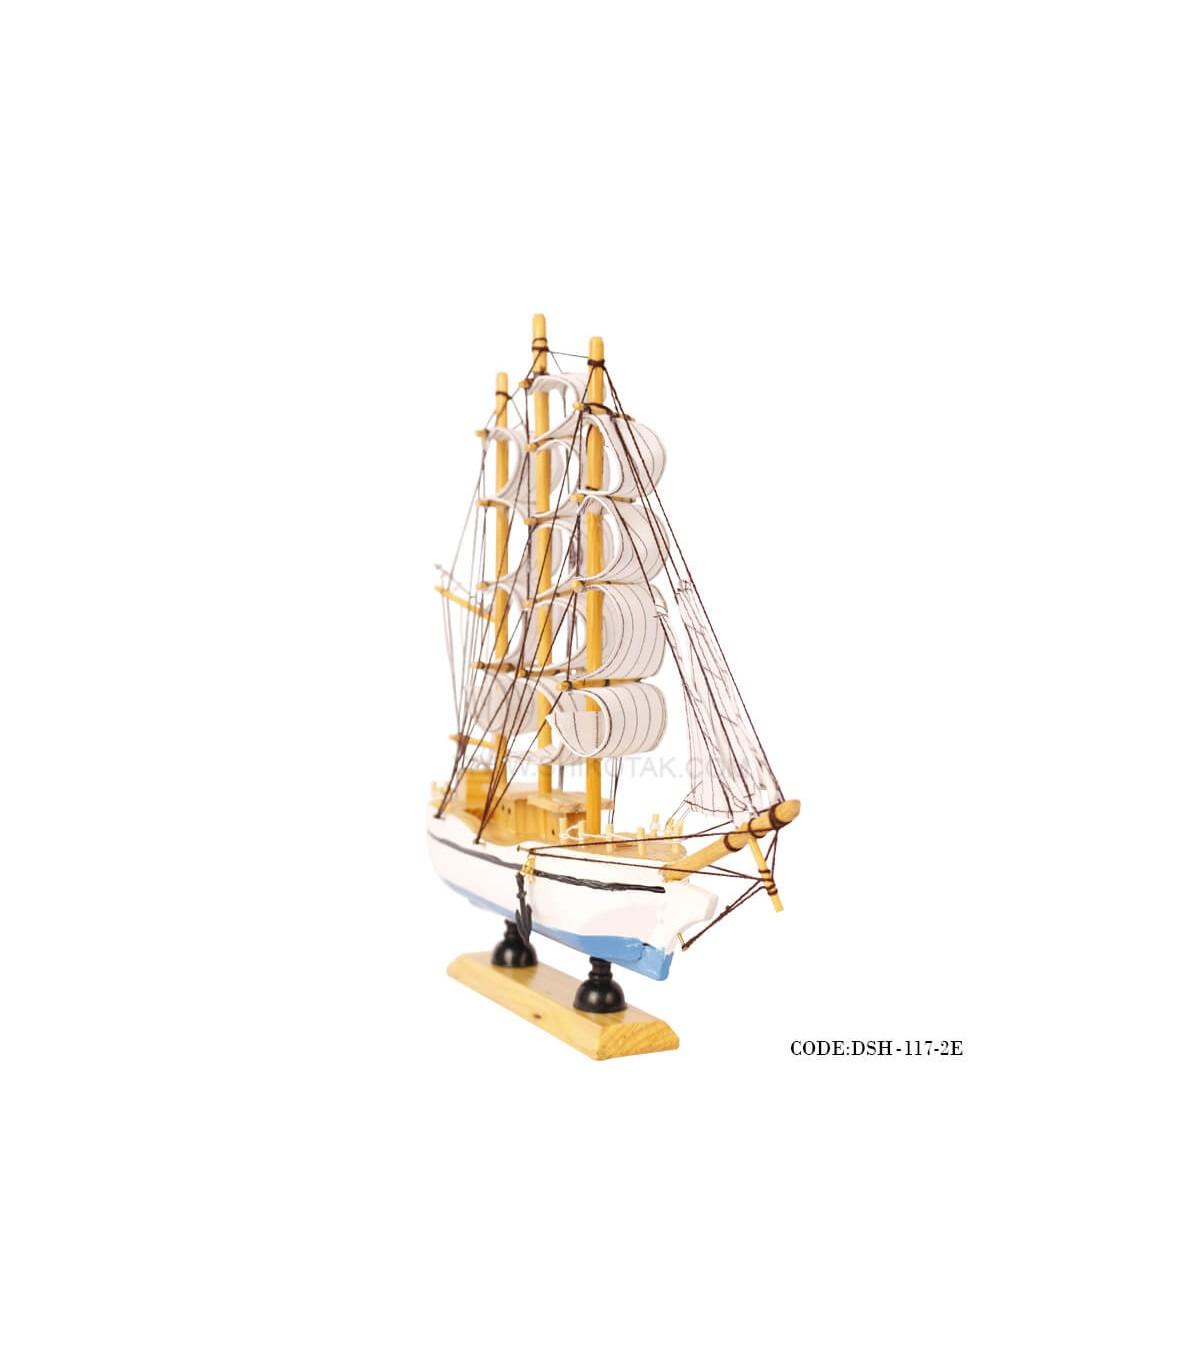 سفارش آنلاین مجسمه ی کشتی بادبان دارسری E